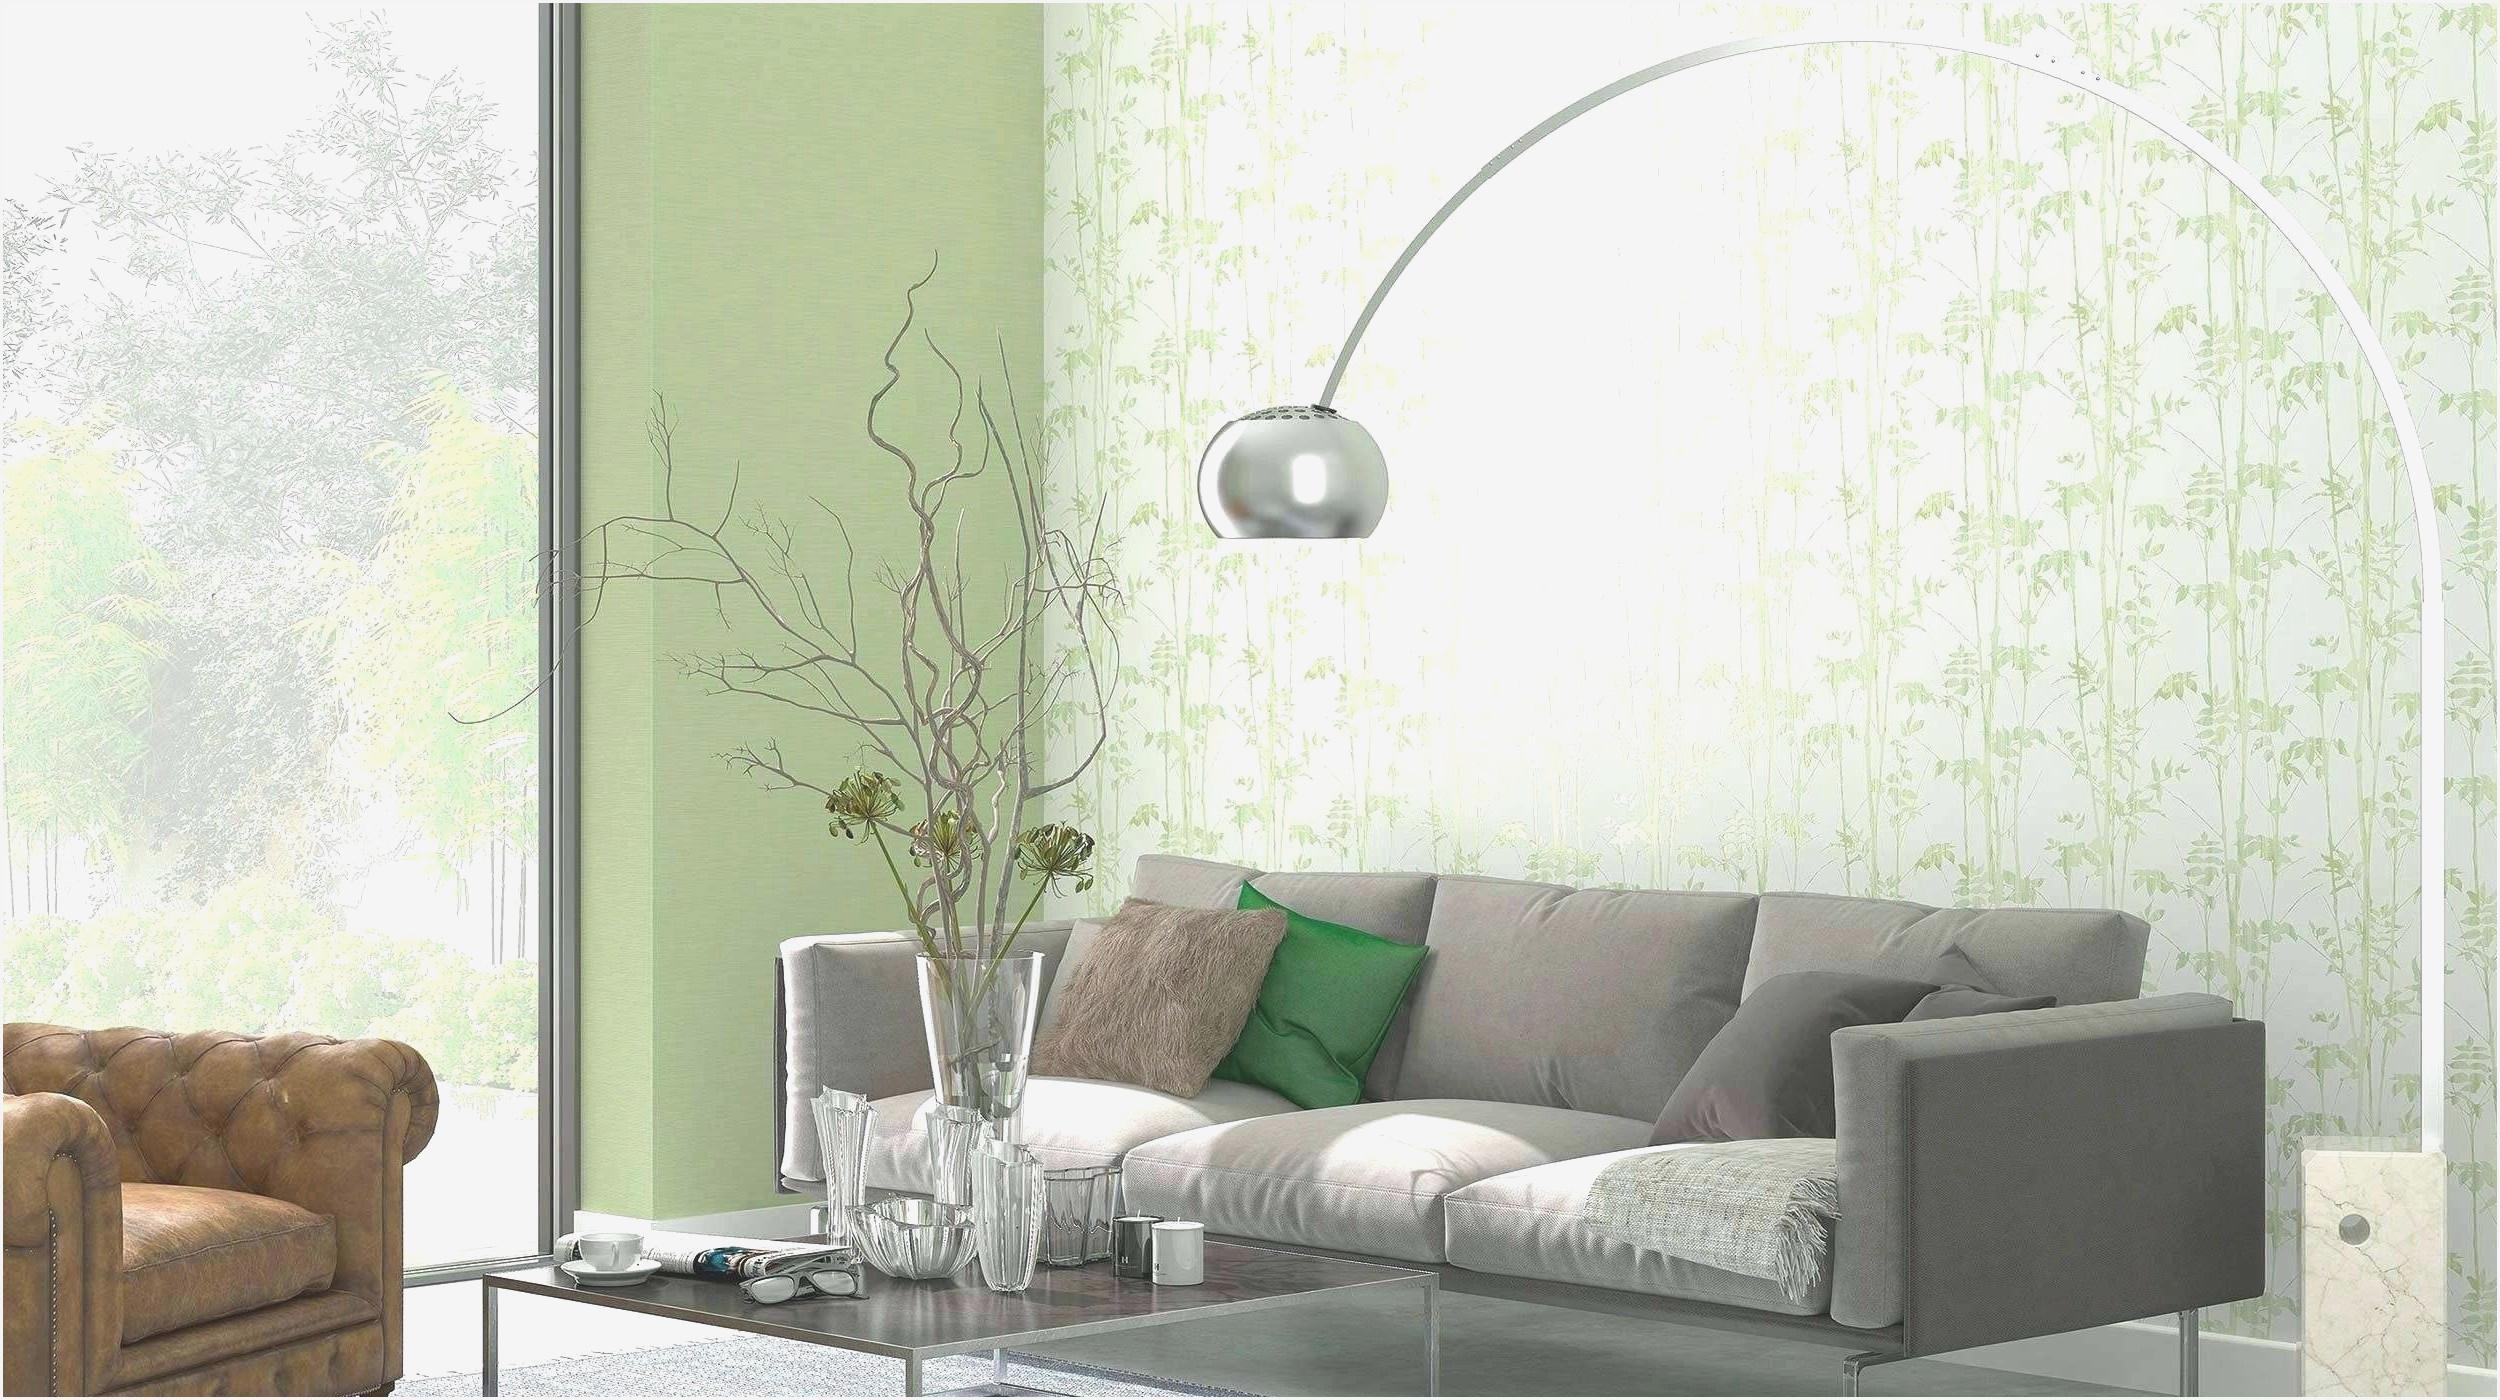 Glasdeko Garten Frisch Bilder Wohnzimmer Glas Wohnzimmer Traumhaus Dekoration